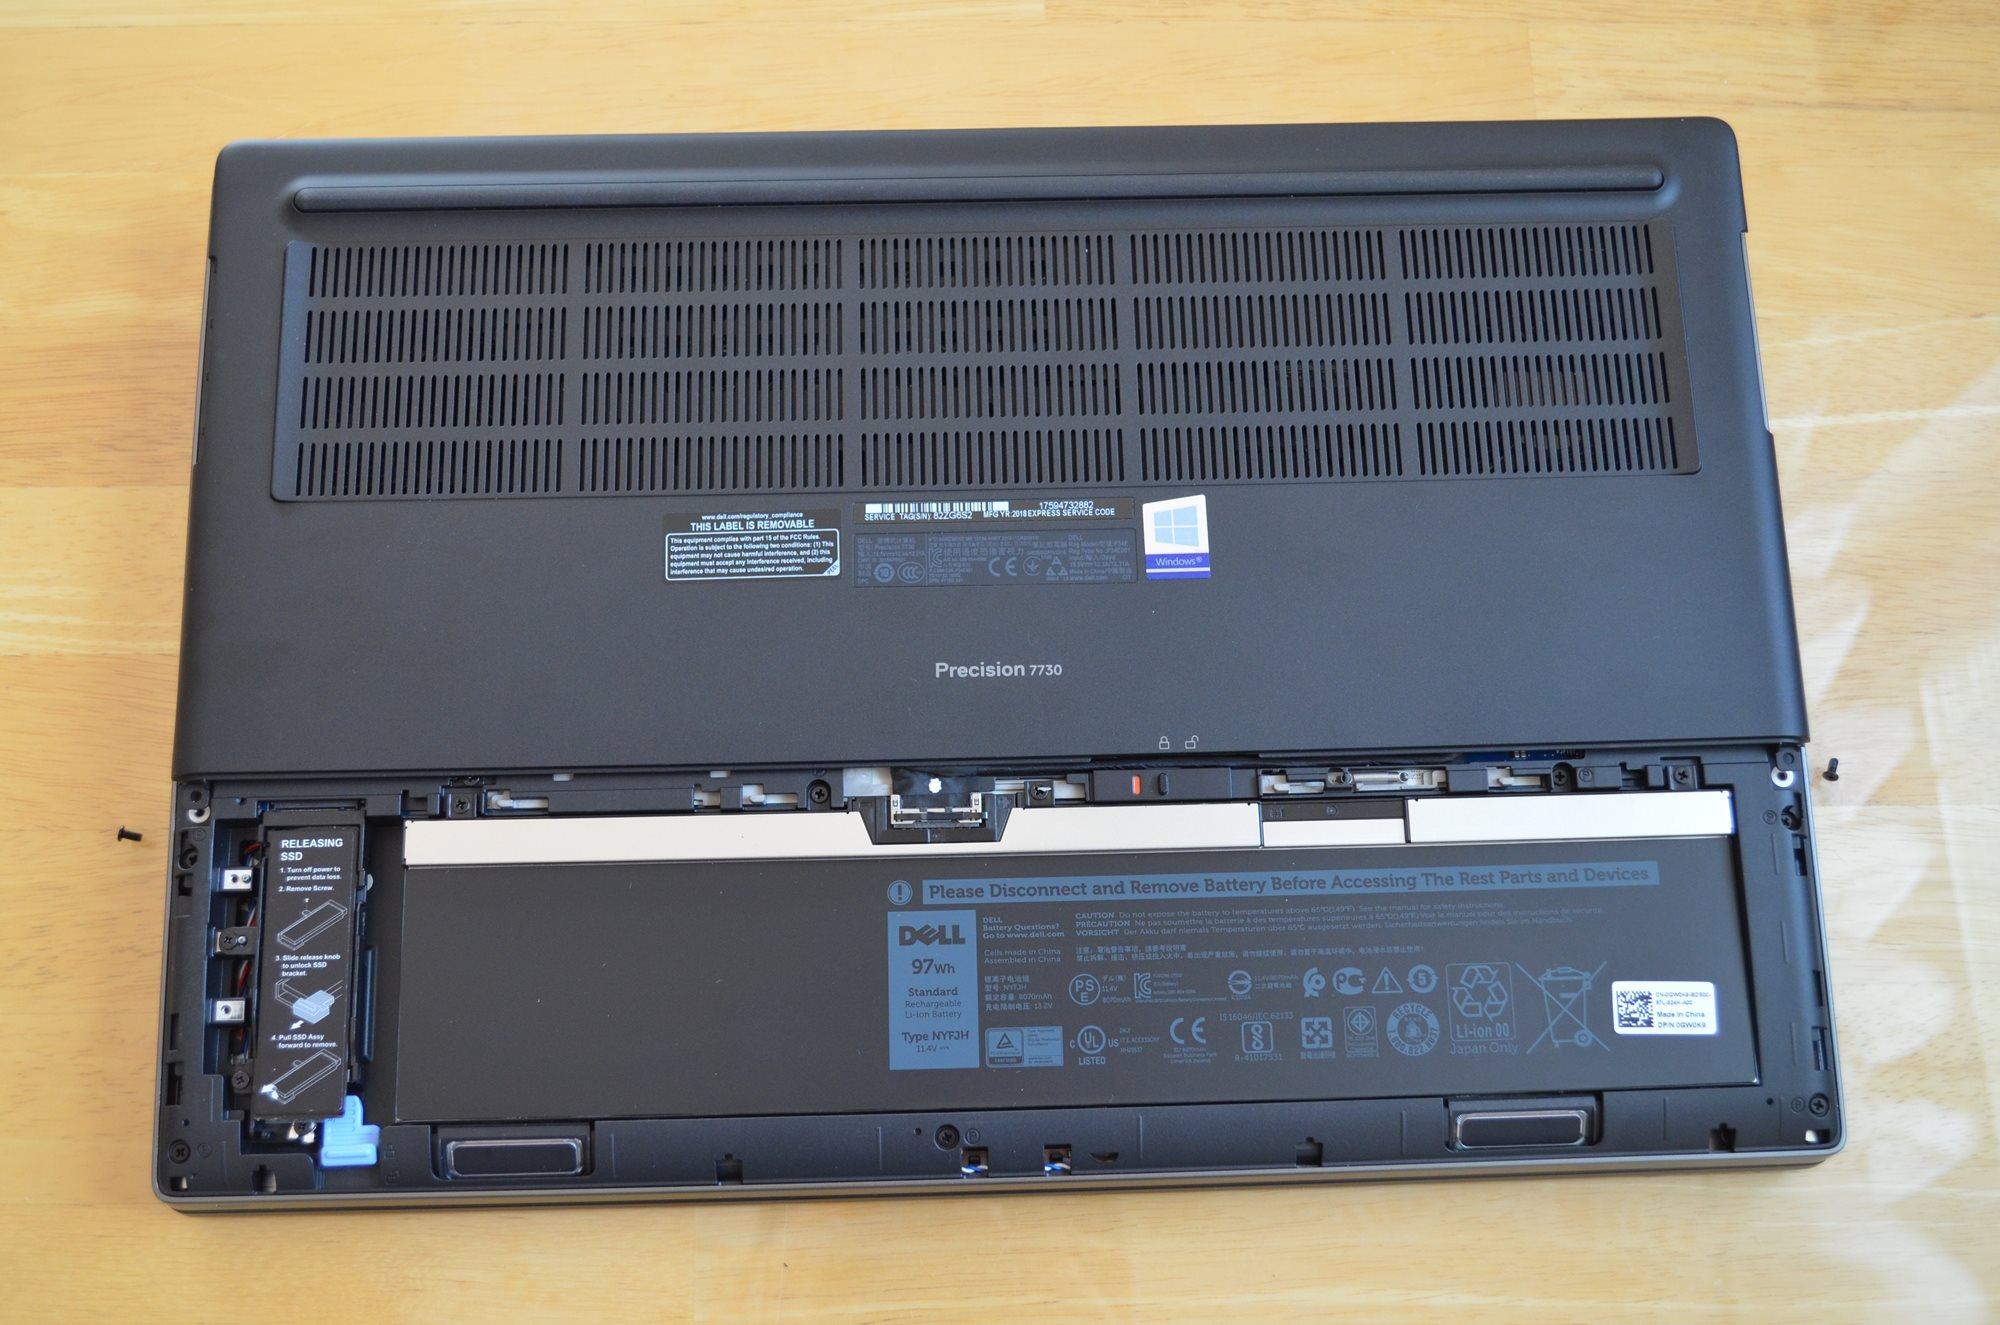 Integrovaná baterie je vyměnitelná bez demontáže celého spodního krytu, Dell Precision 7730 R11CM.